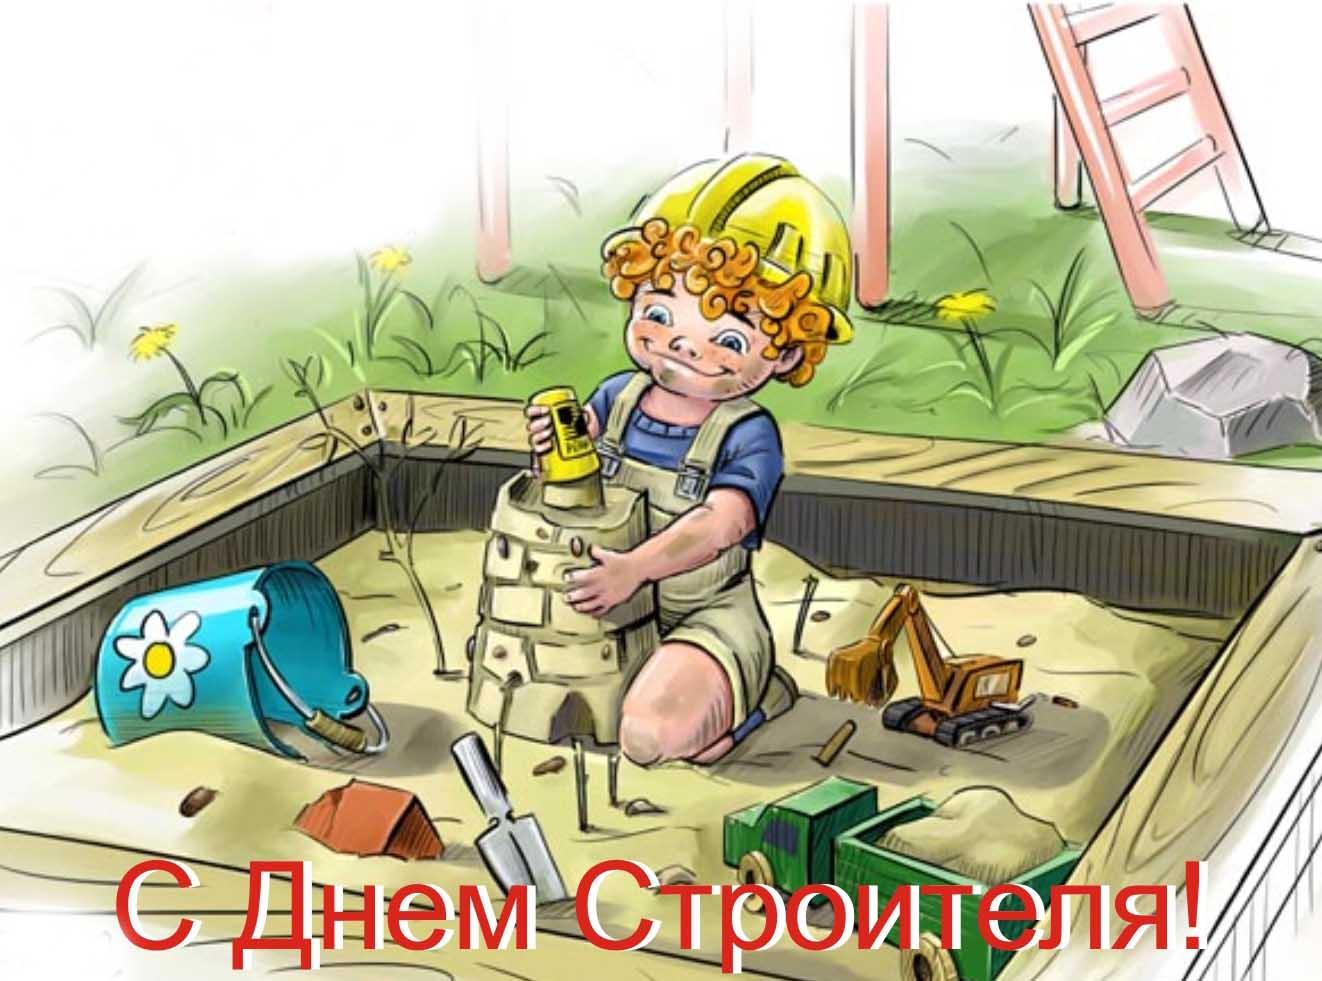 Открытка. С днем строителя! Ребенок в песочнице! Будущий строитель